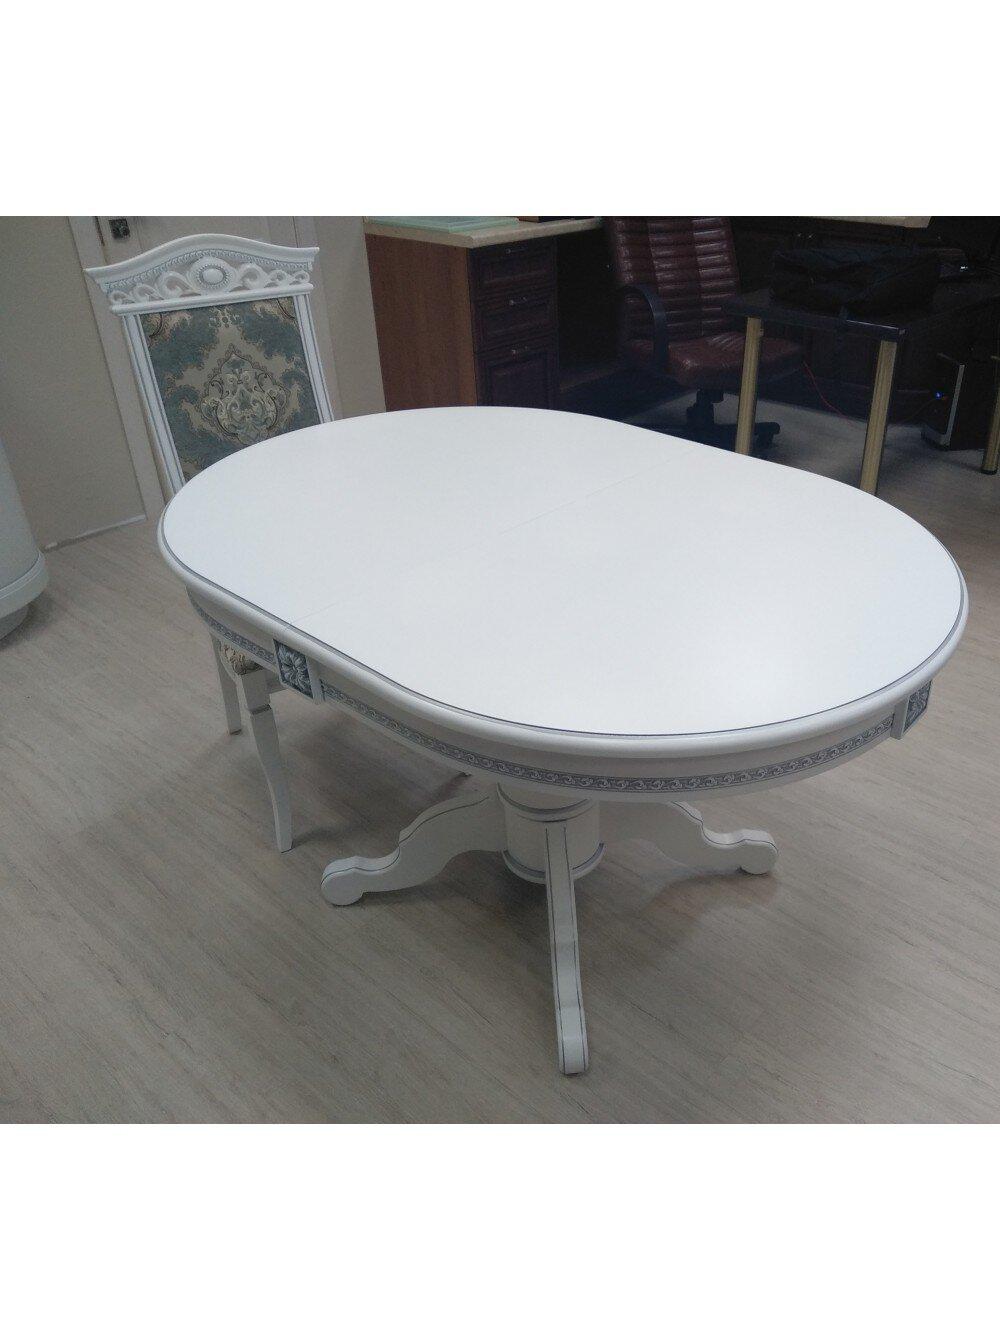 Овальный стол раздвижной из массива бука цвет: белый с серебряной патиной Размер 90*130 (+50 ) см. - фото pic_16ccde6e3ae44768f57798a9f520feec_1920x9000_1.jpg